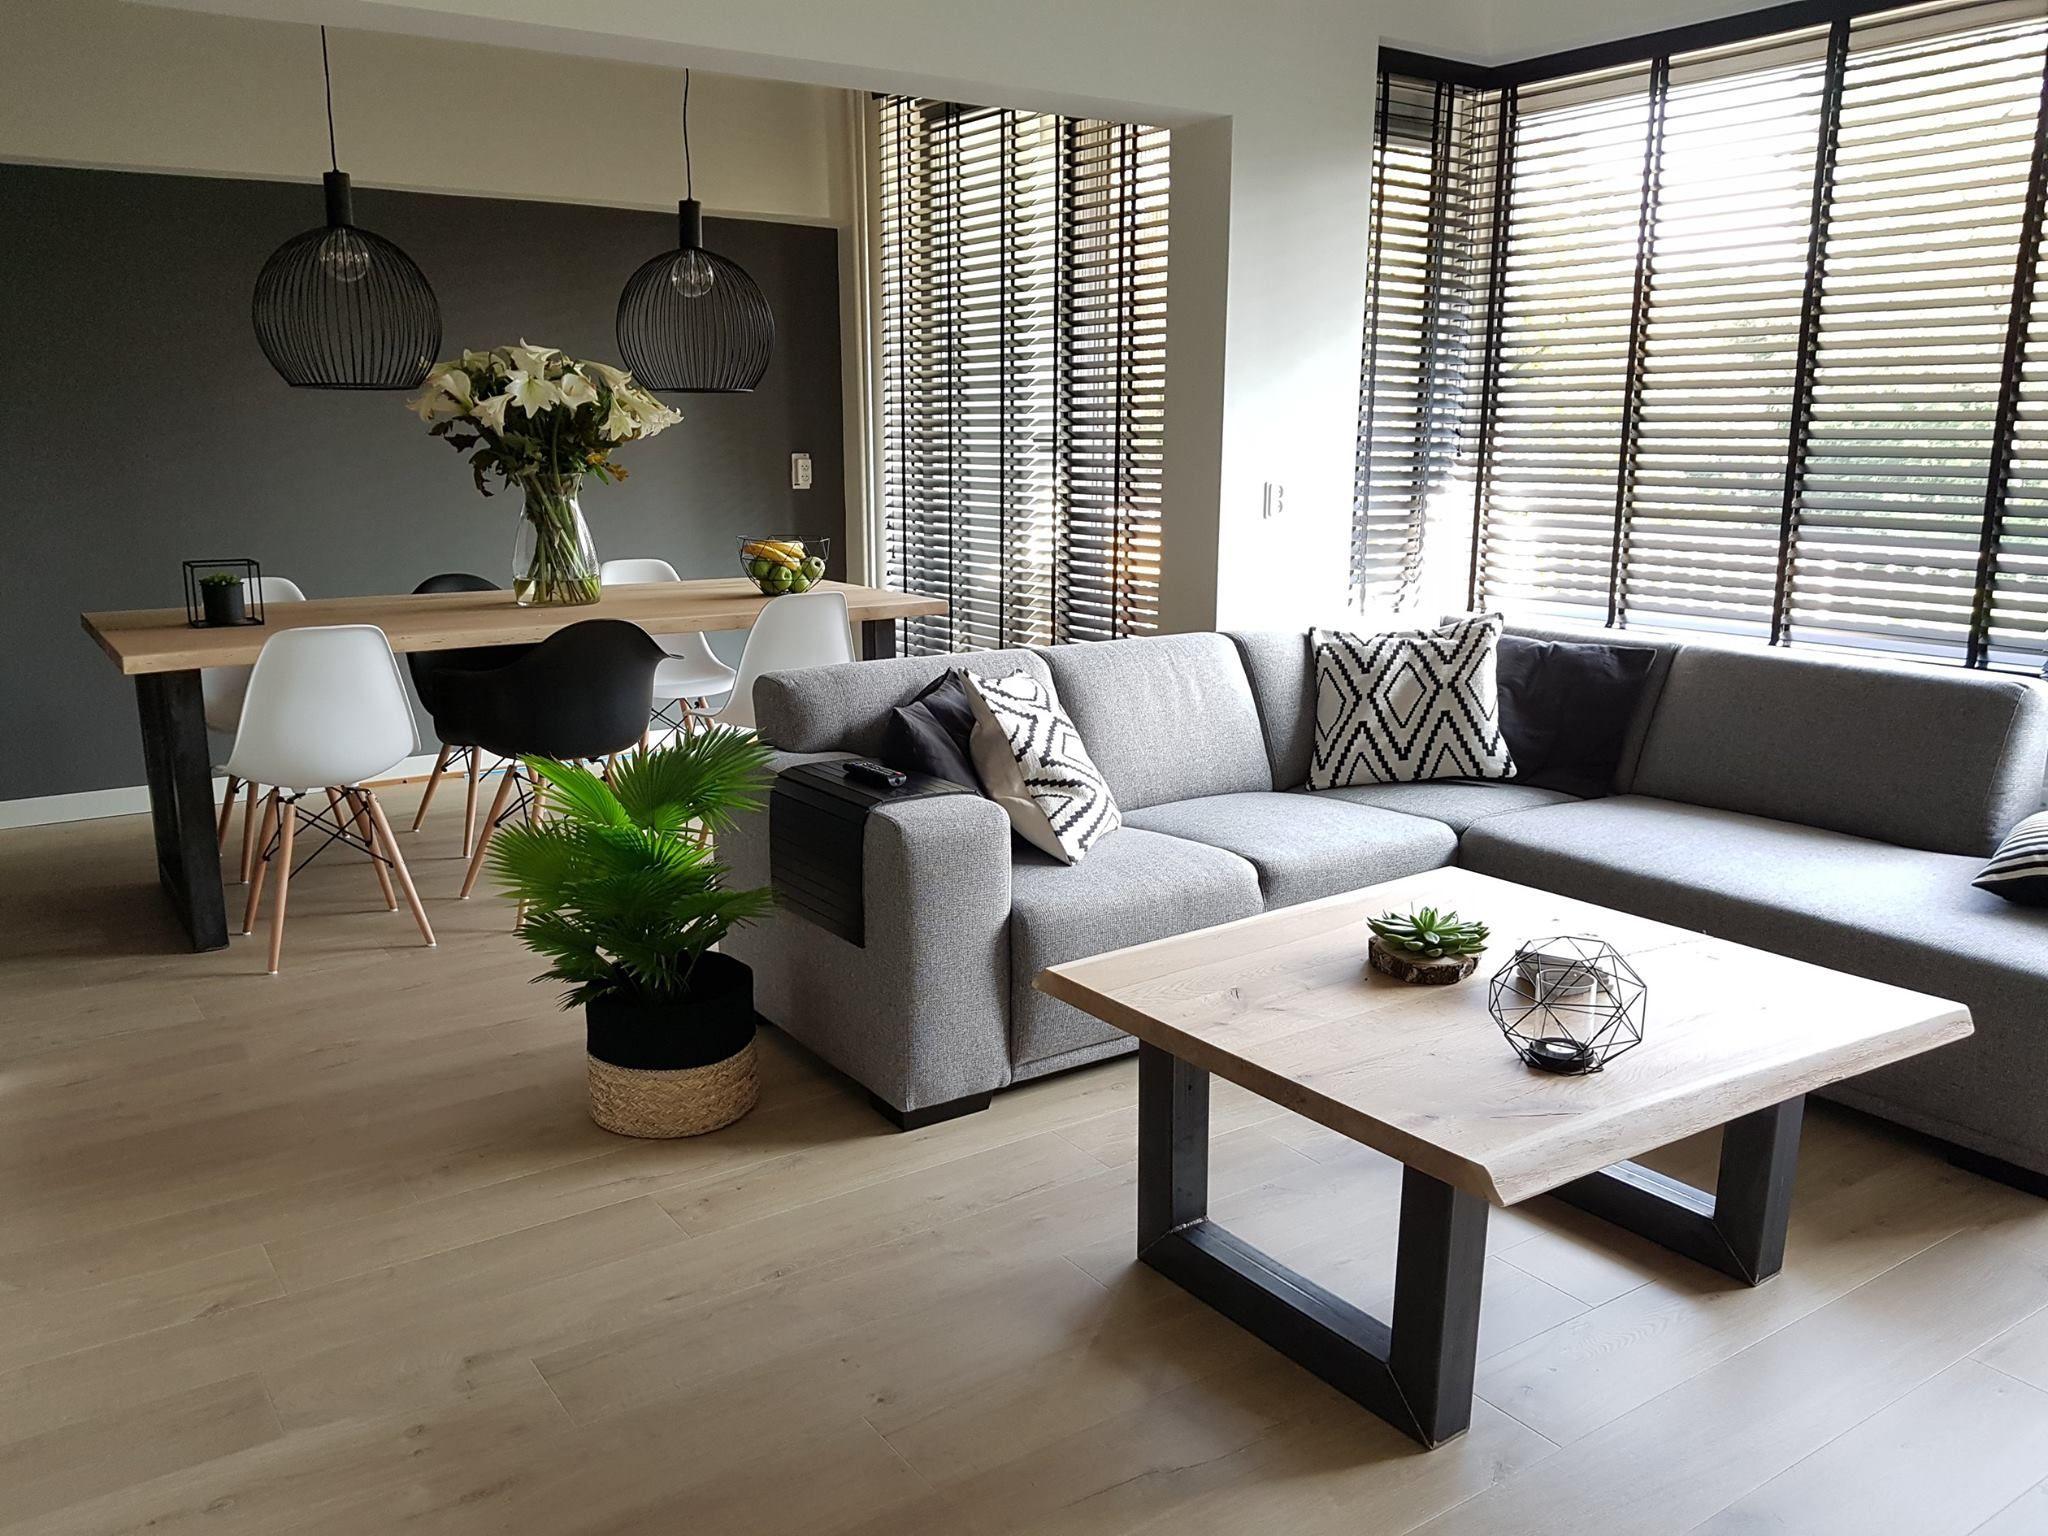 Woonkamer met zithoek lichte vloer grijze bank donkere for Grijze woonkamer